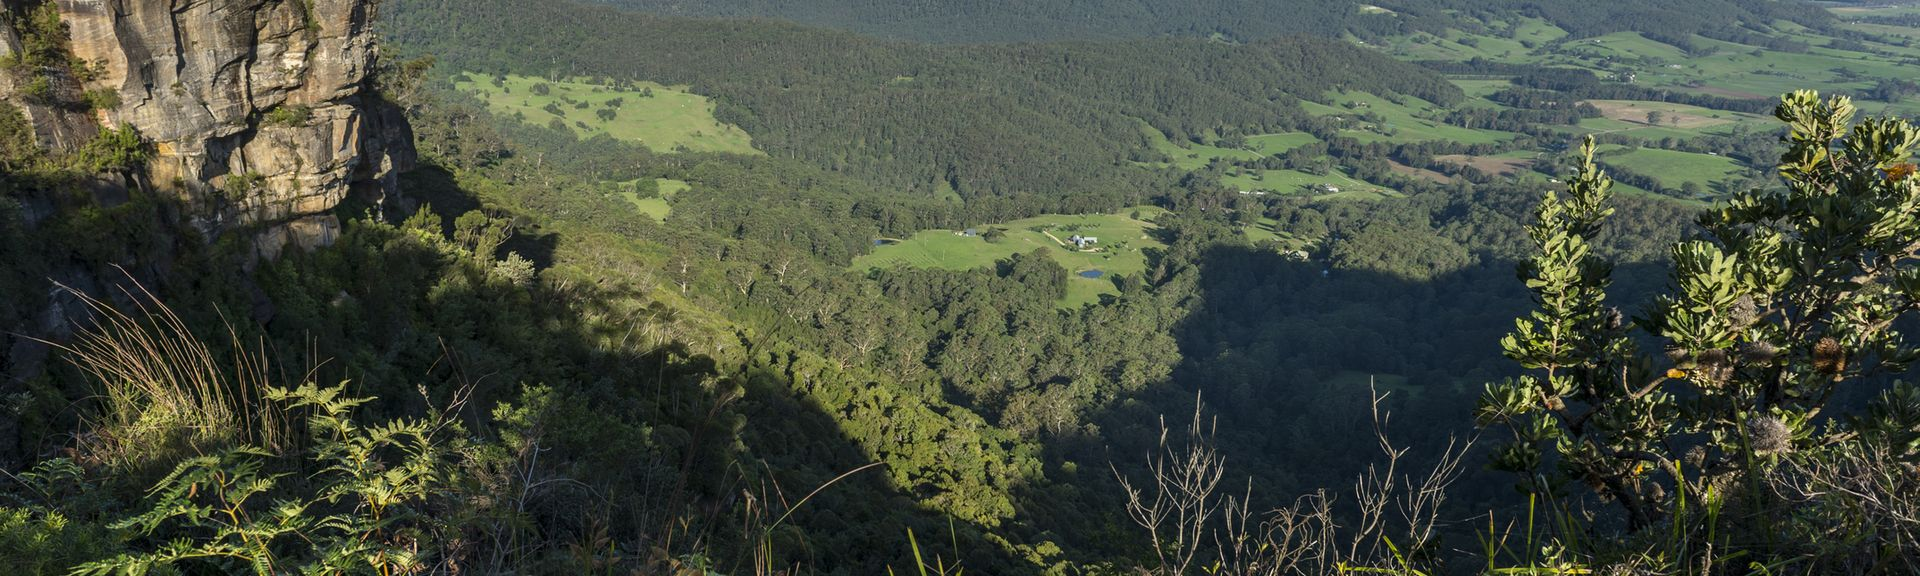 Kangaroo Valley, Nueva Gales del Sur, Australia